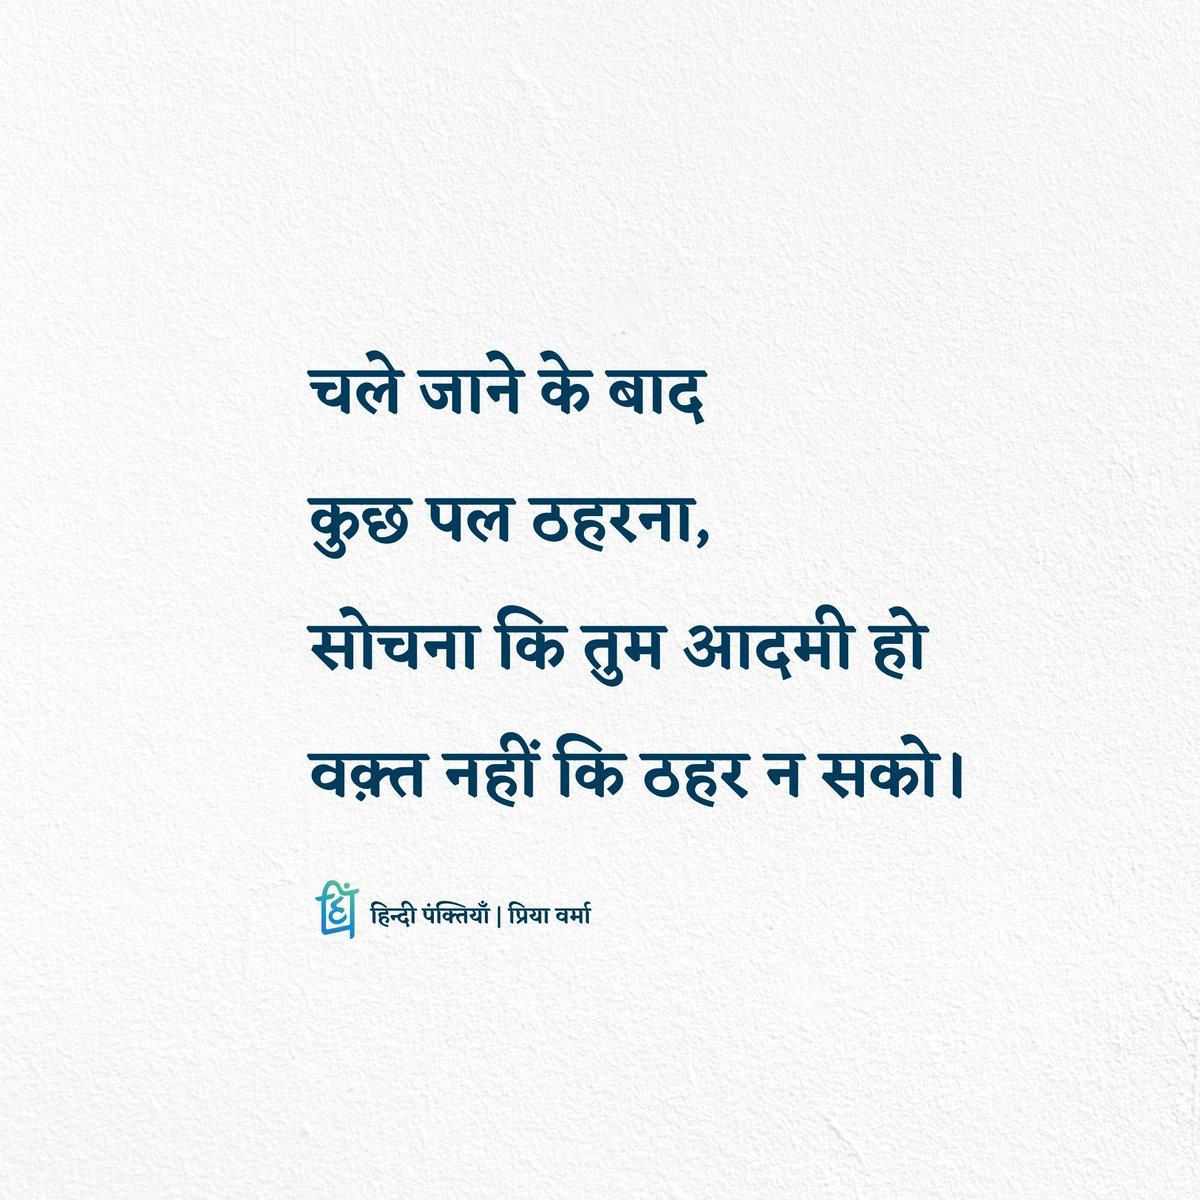 #HindiPanktiyaanpic.twitter.com/GcekHnh0hI